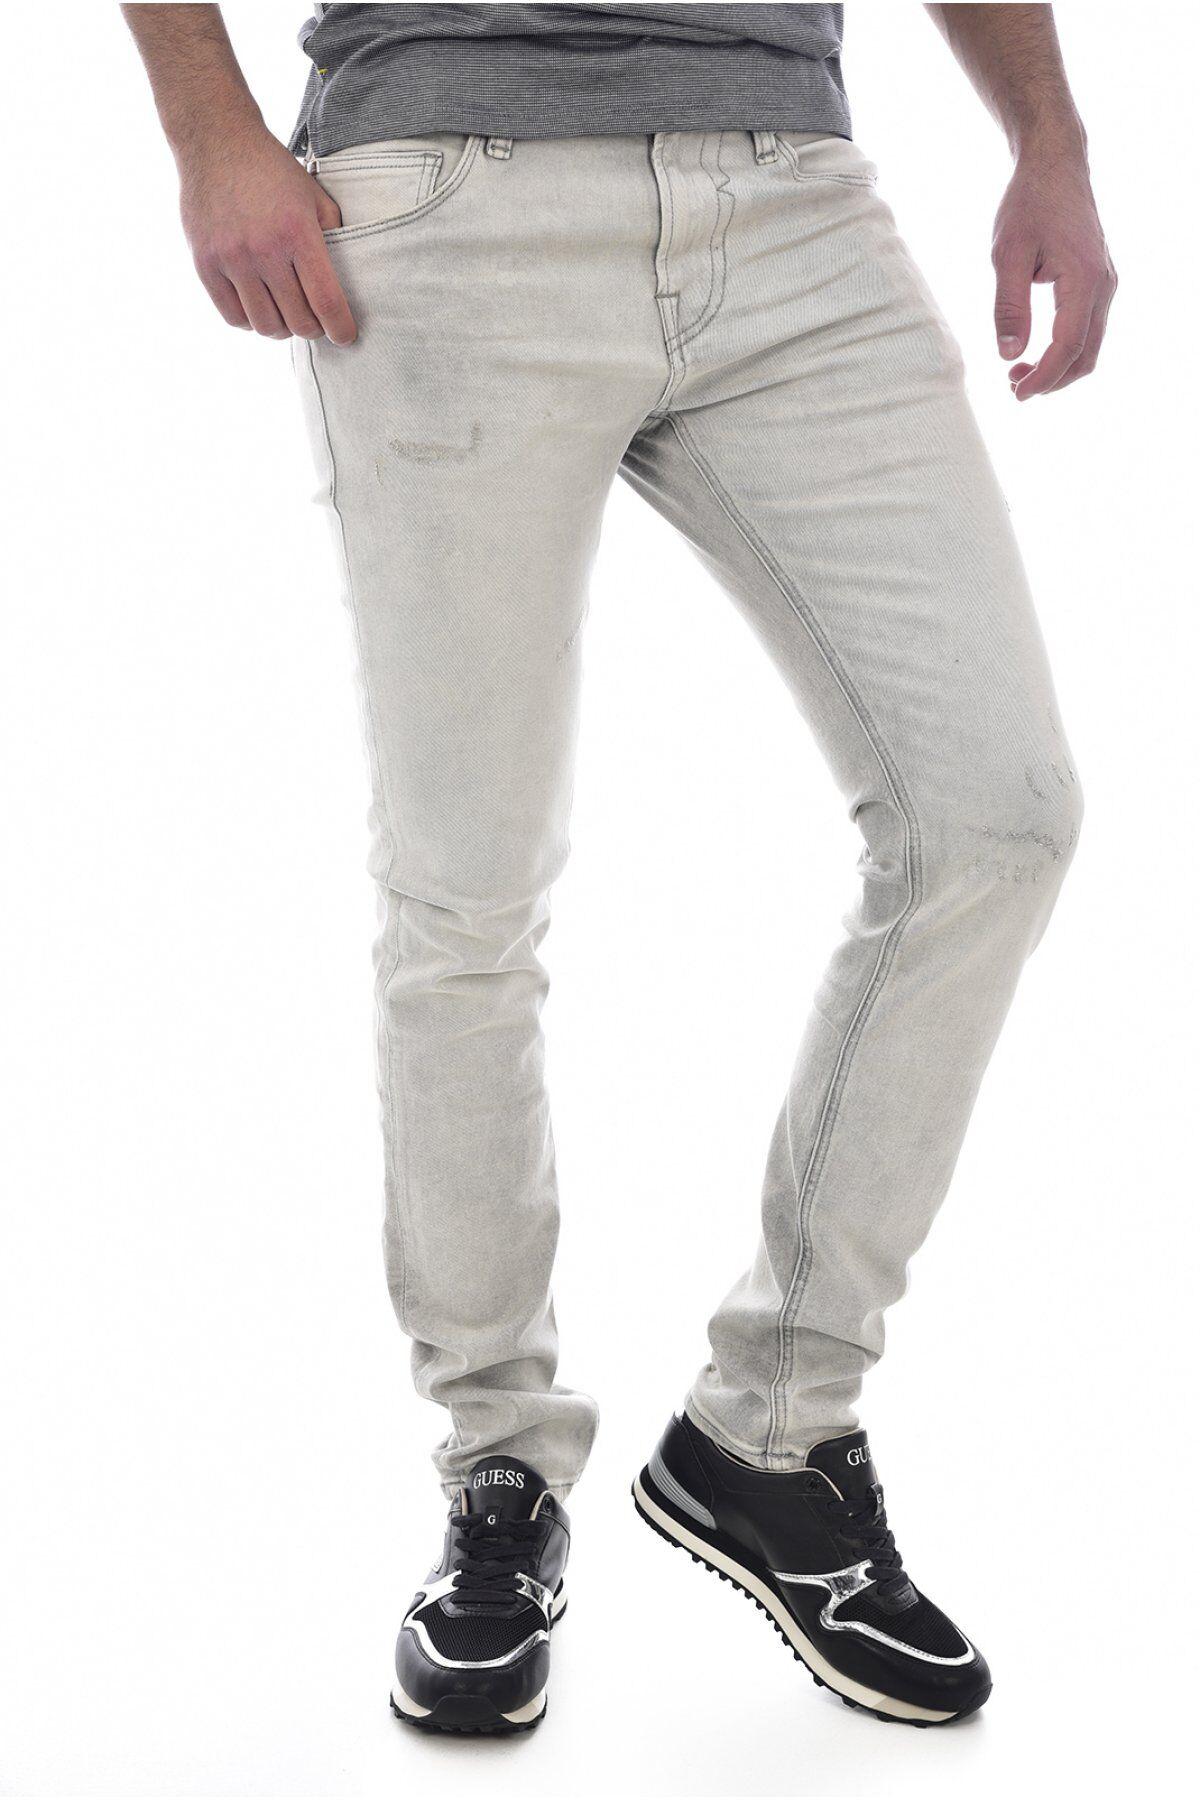 Guess jeans Jean Skinny Flex M92a27 D3l30 Chris  -  Guess Jeans